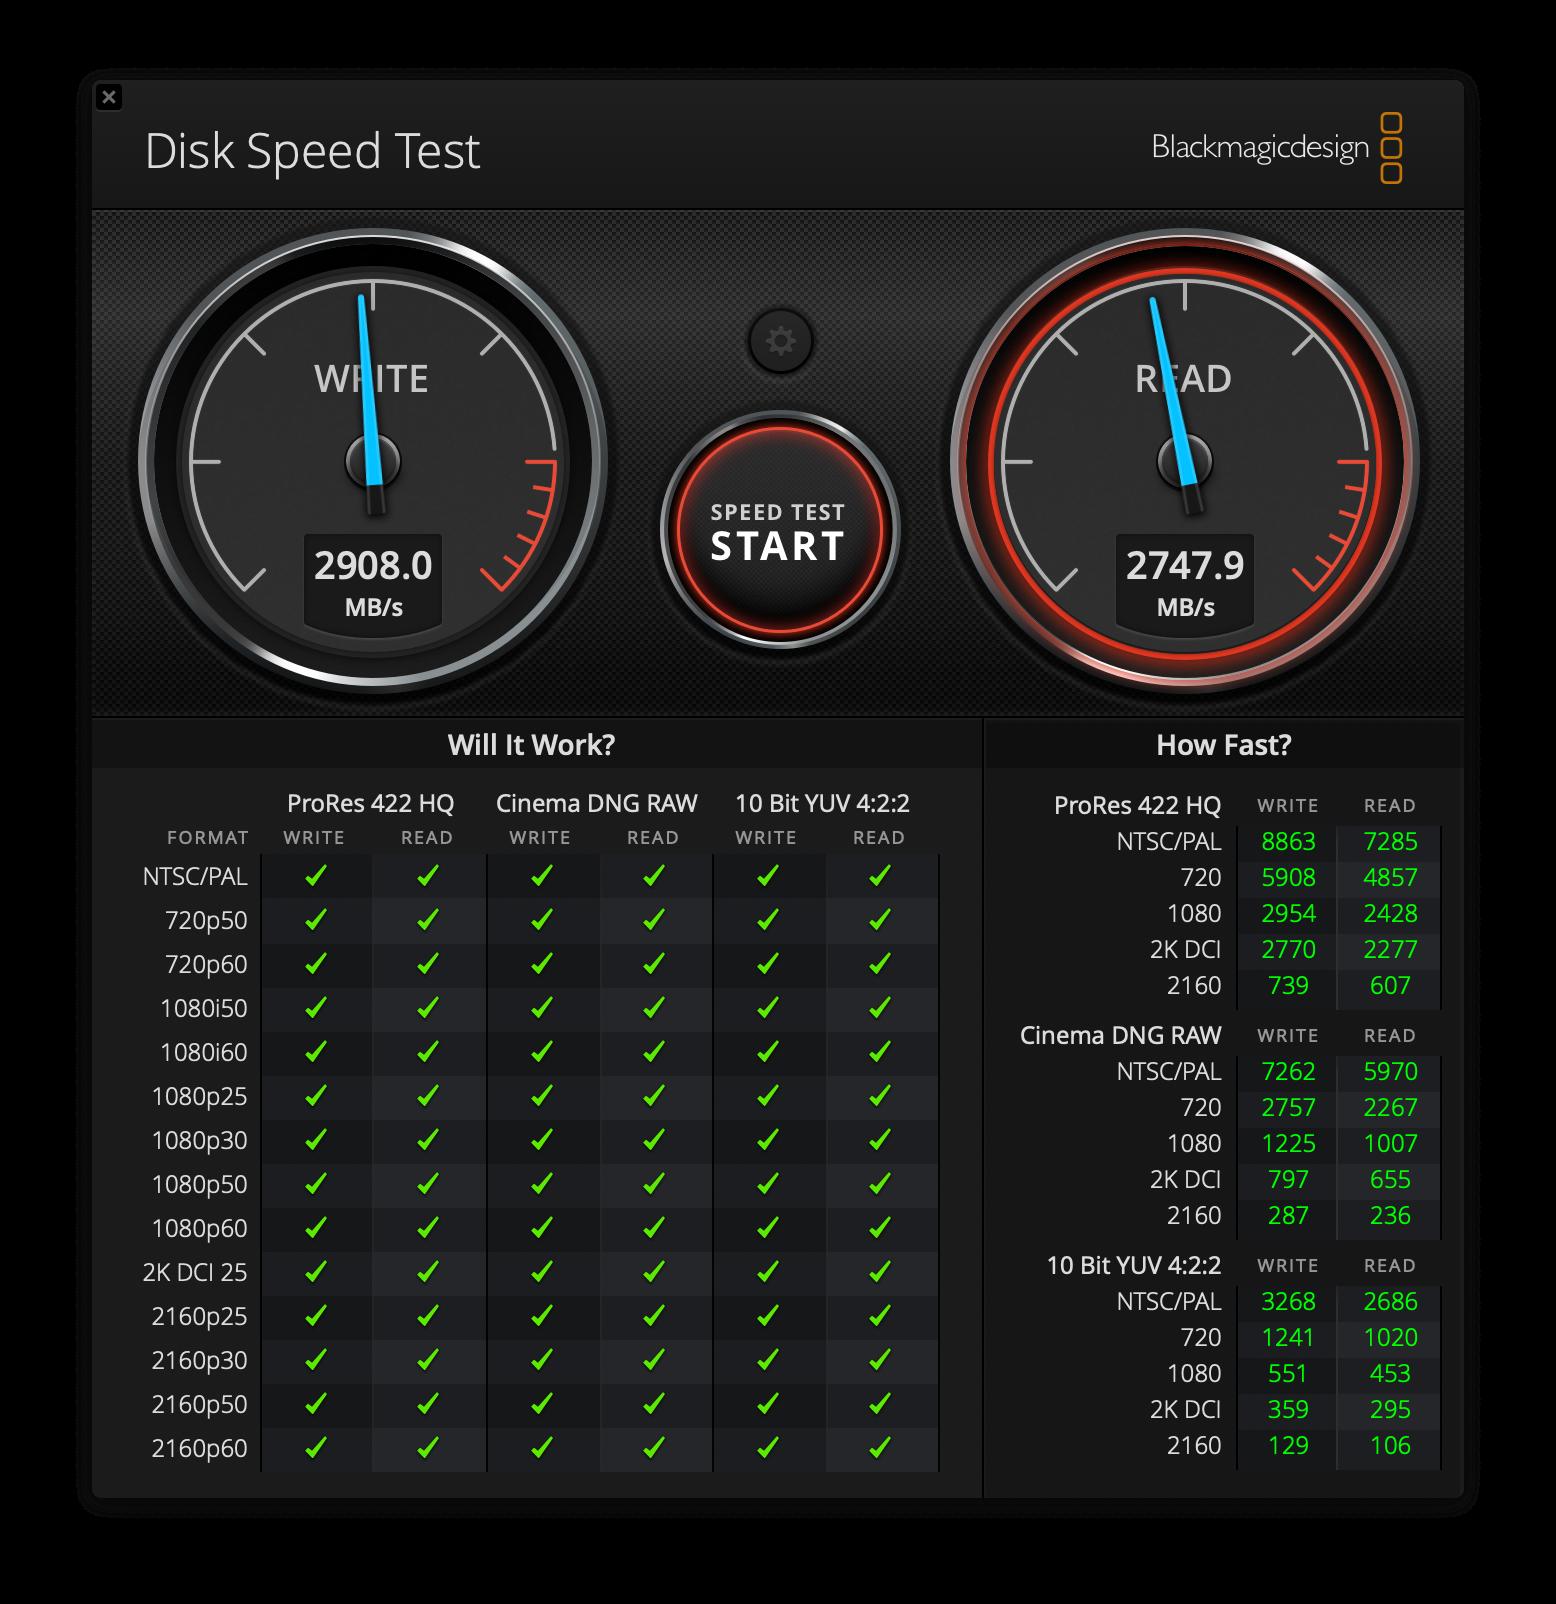 Speedtest%20disque%20MacBook%20Air%20M1.